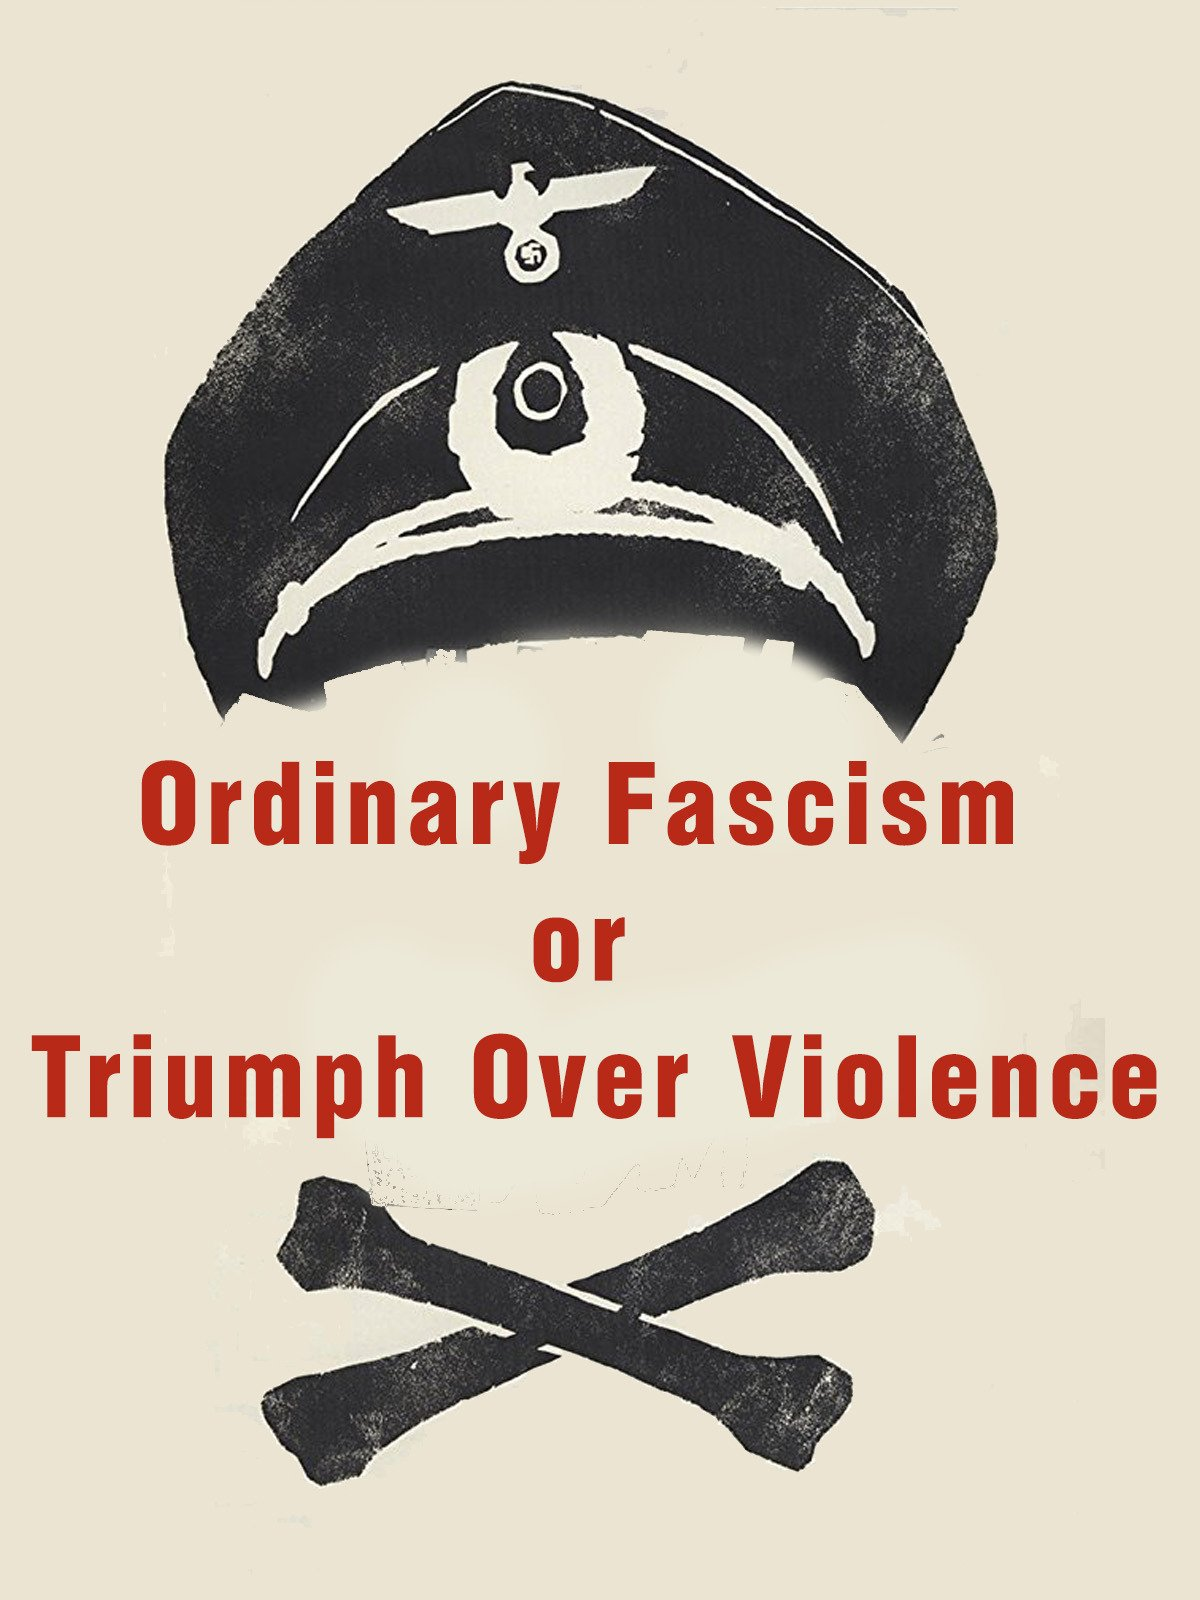 ჩვეულებრივი ფაშიზმი TRIUMPH OVER VIOLENCE